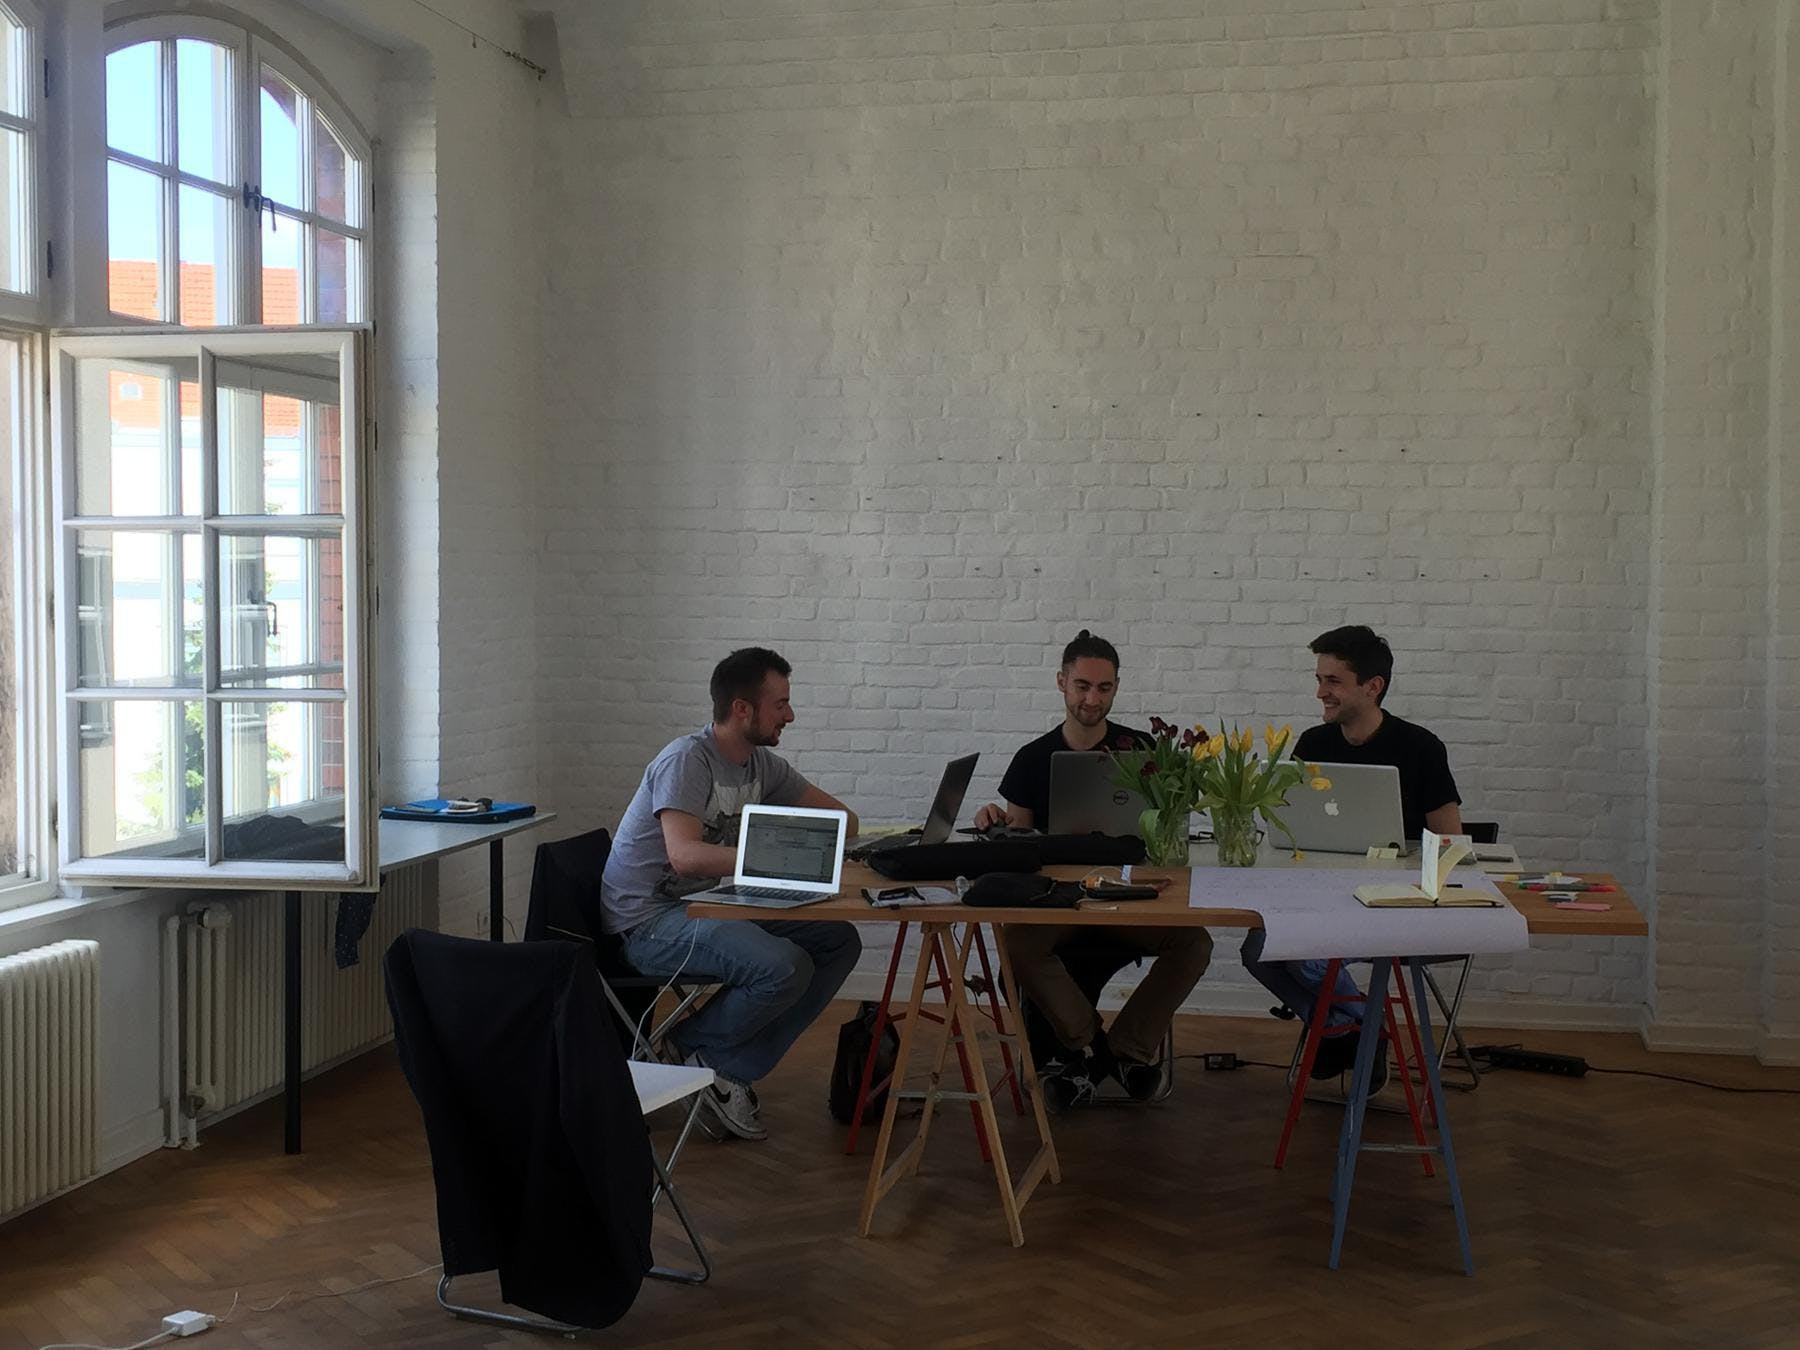 Agora Team beim Arbeiten